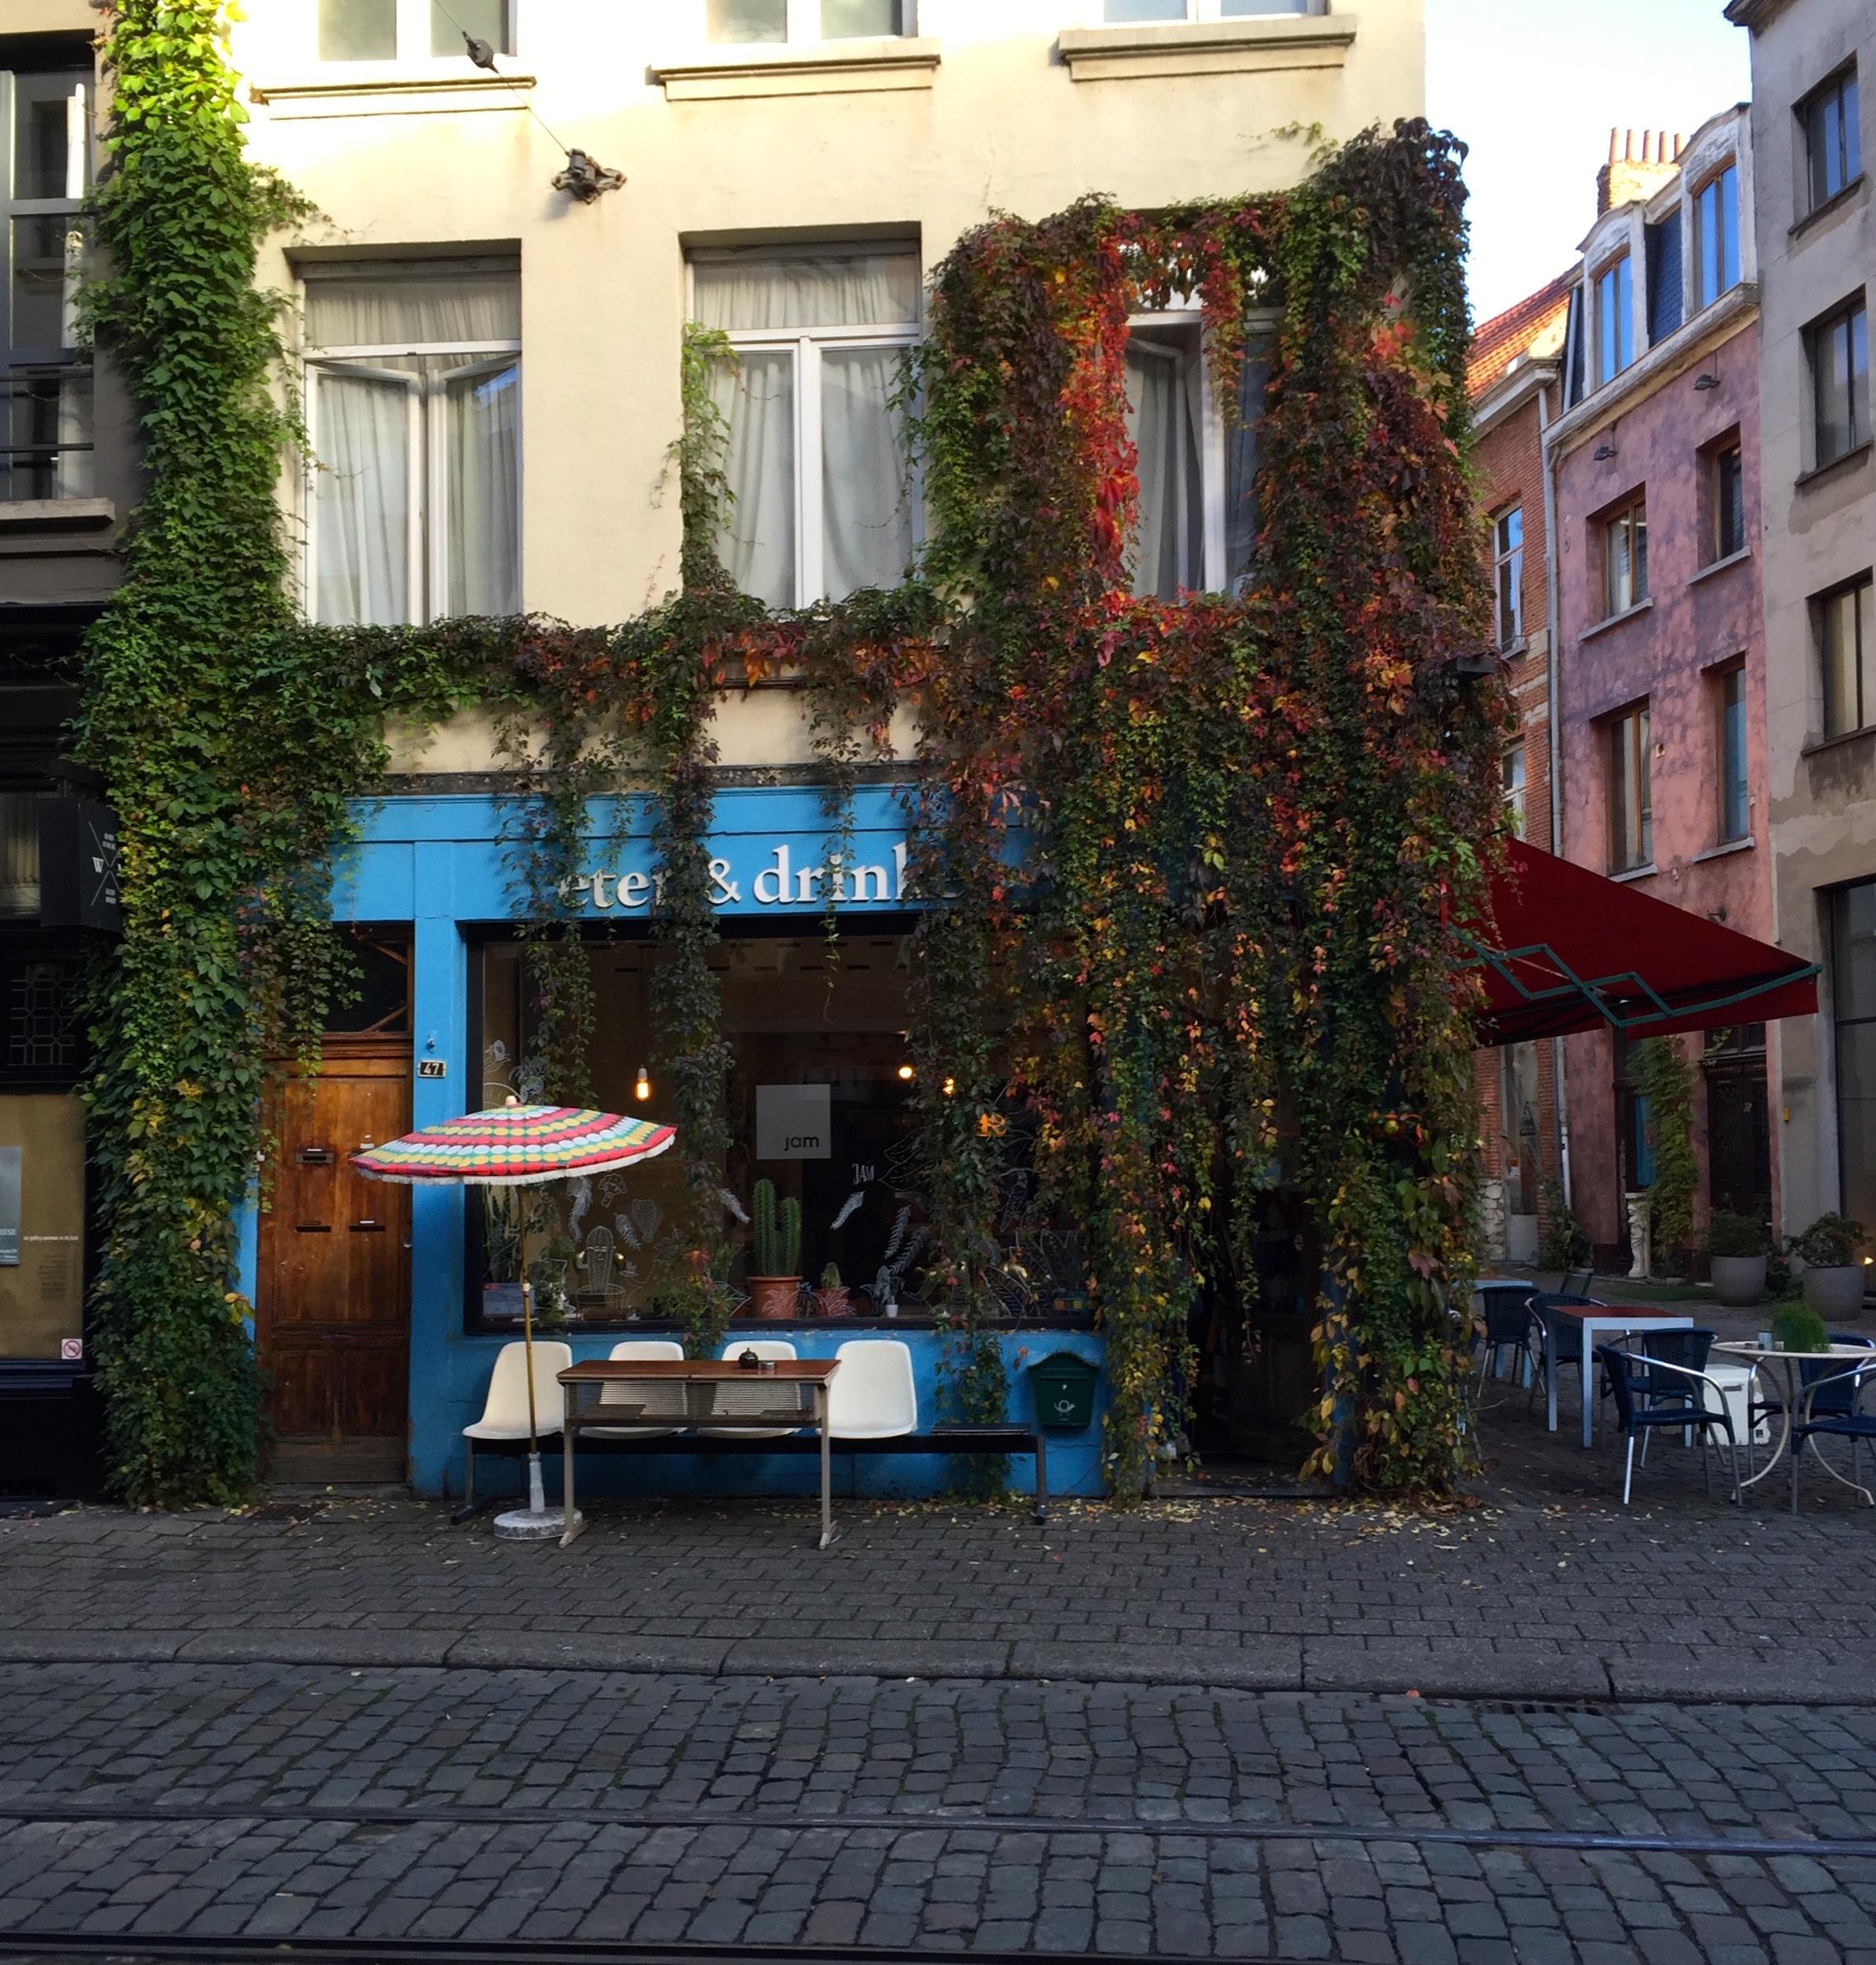 Hotspots van Antwerpen die je niet mag missen